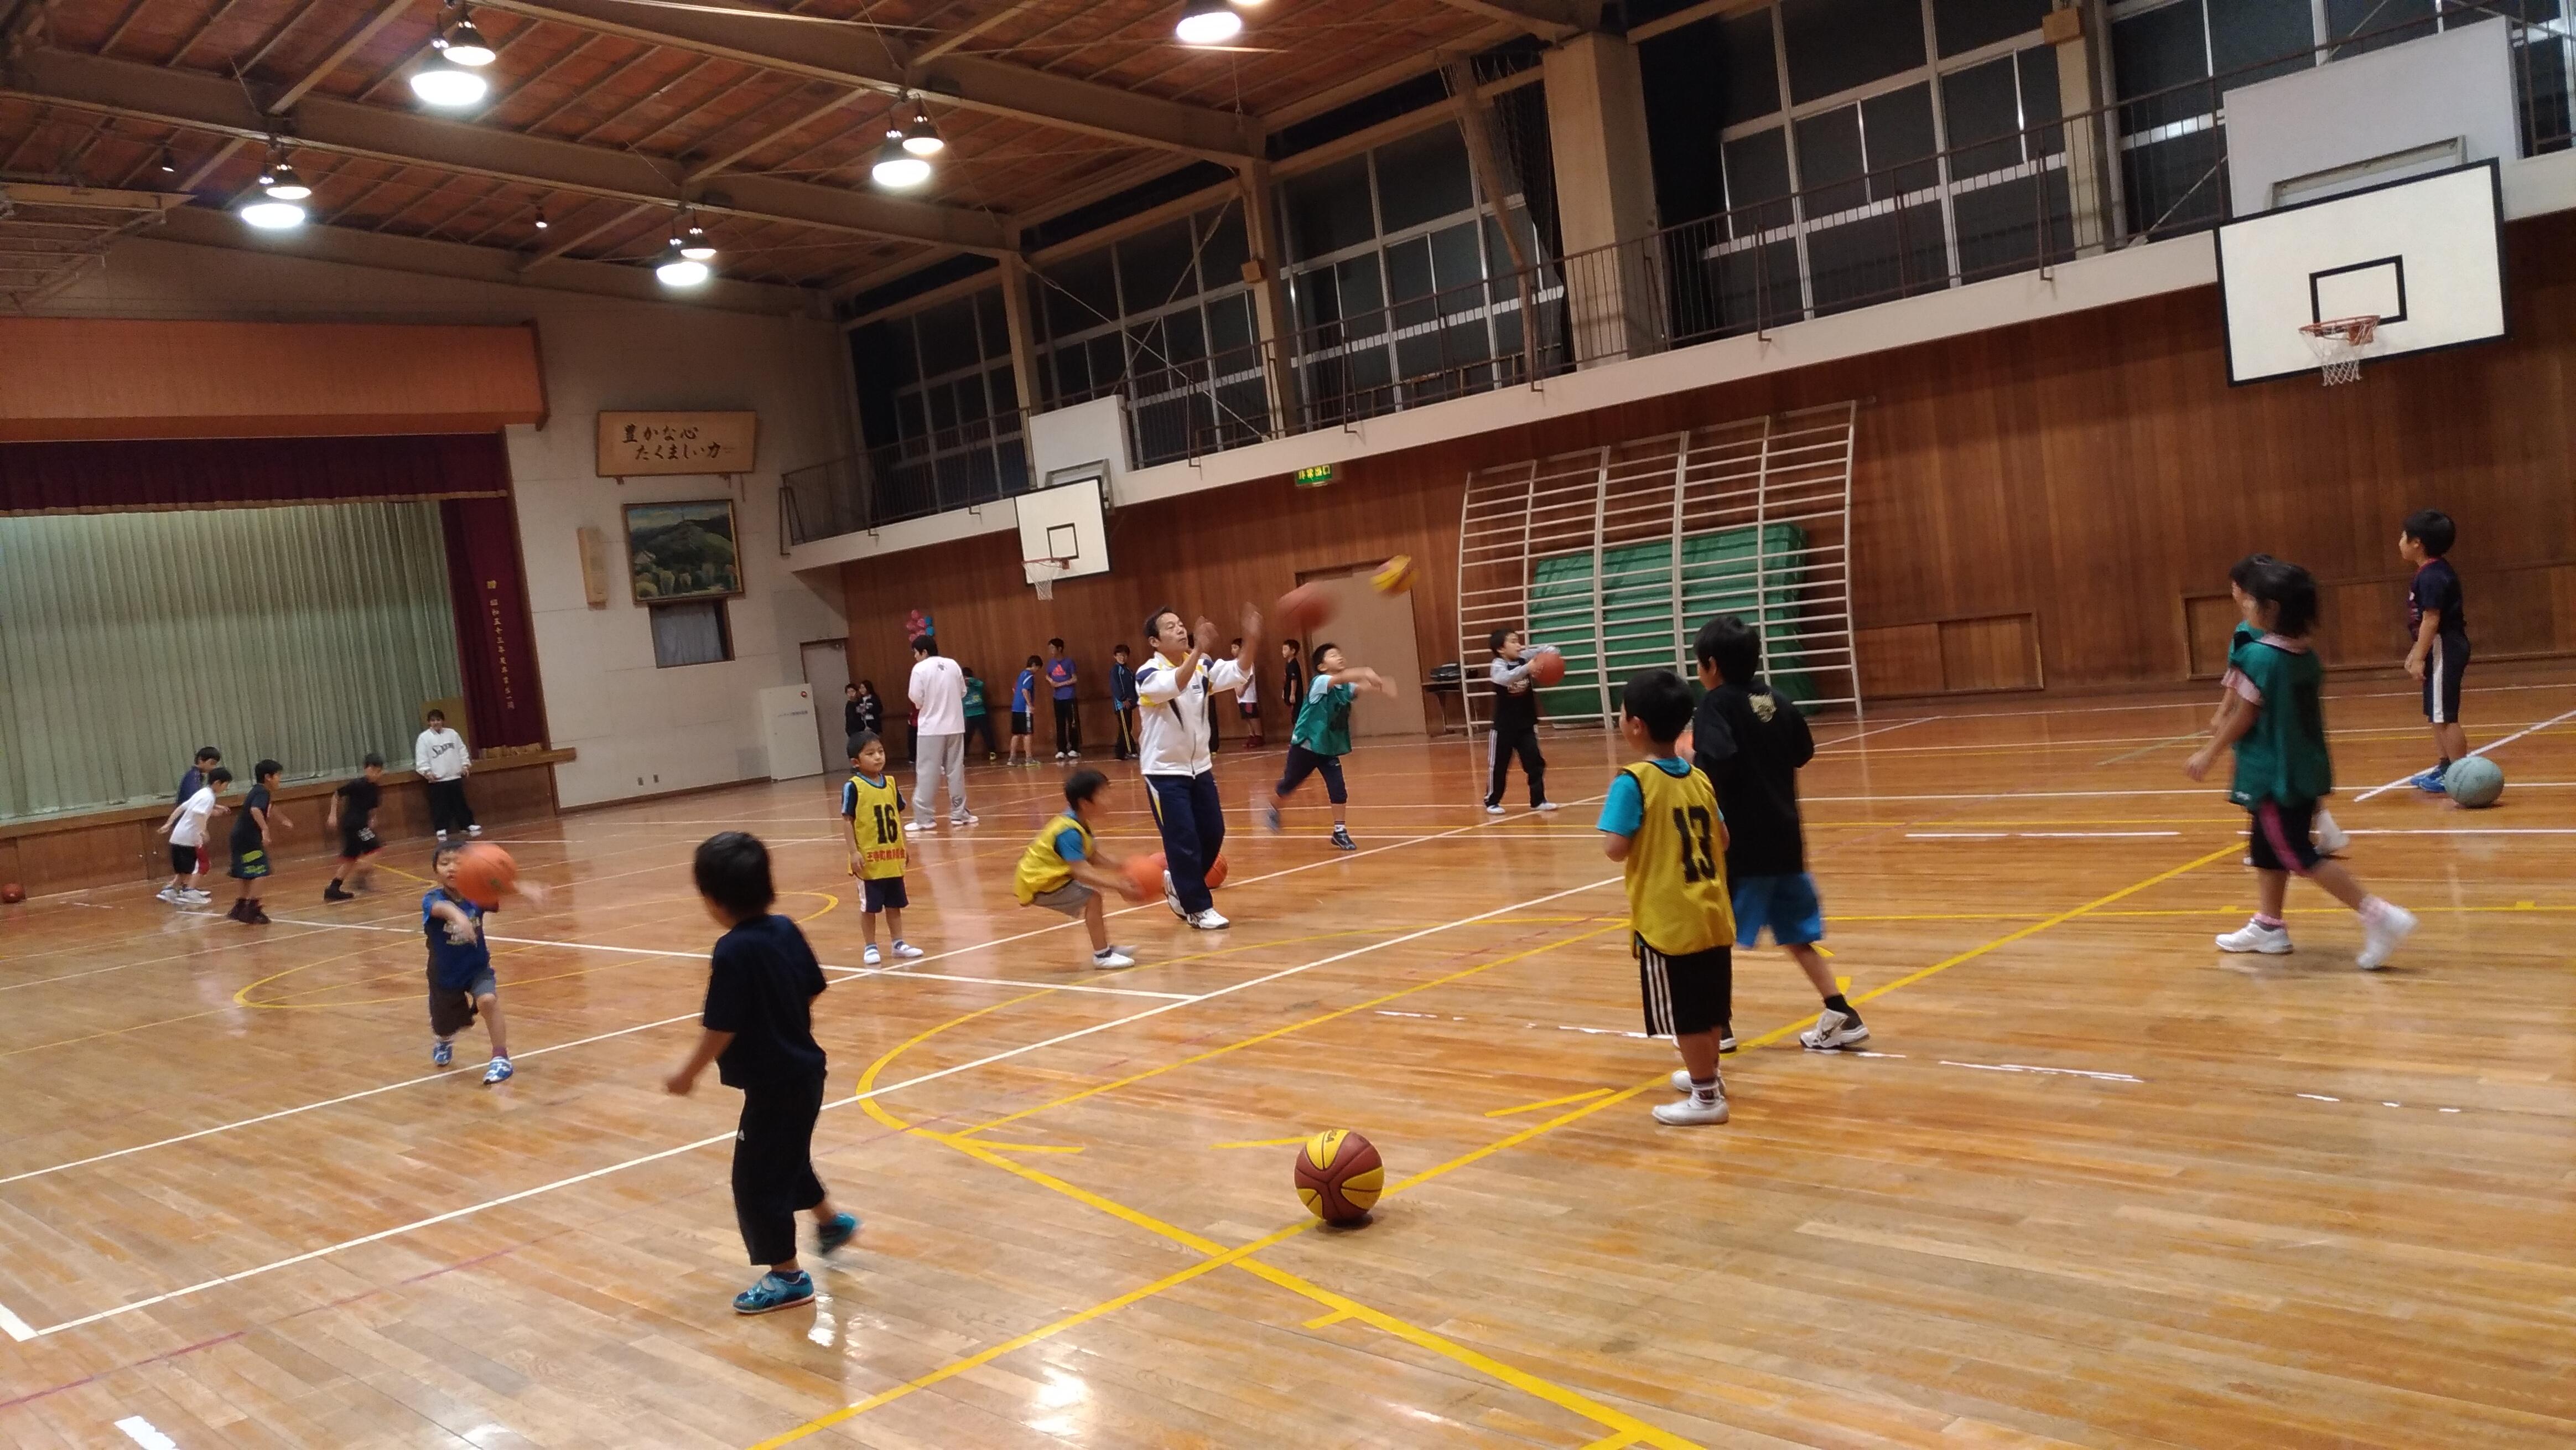 Jrバスケットボール